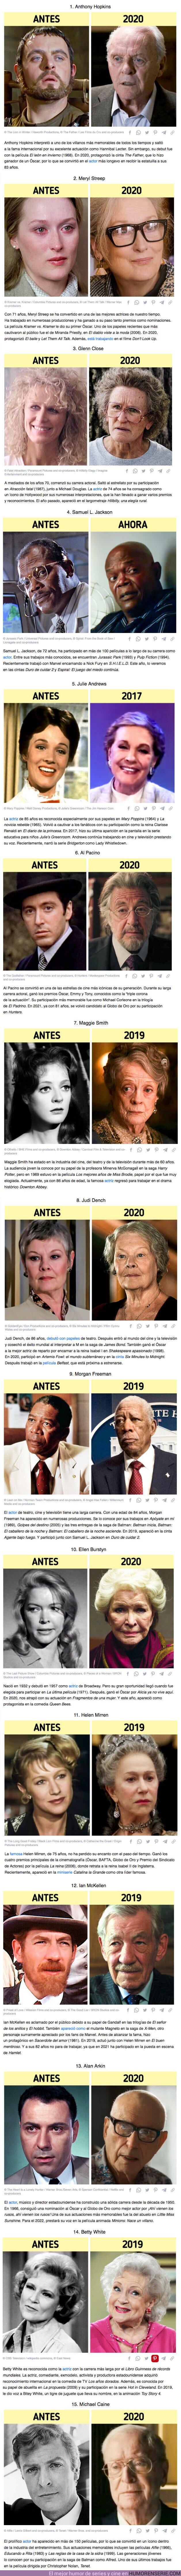 76305 - GALERÍA: 15 actores de más de 70 años que nos siguen maravillando con sus papeles